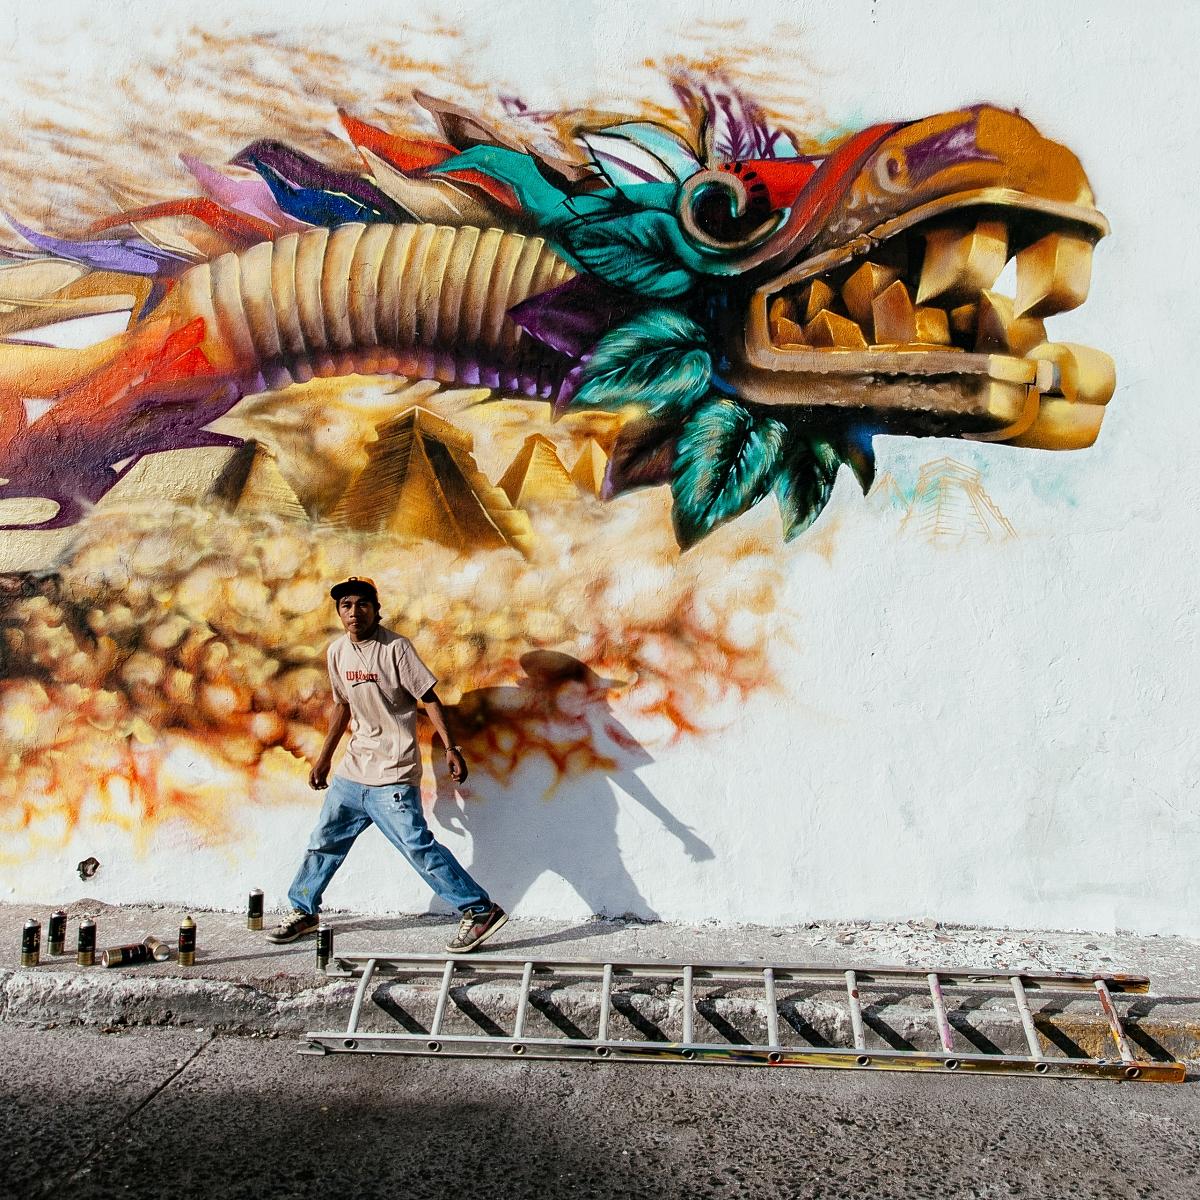 Kultura i sztuka — Hector Muñoz Huerta, Meksyk